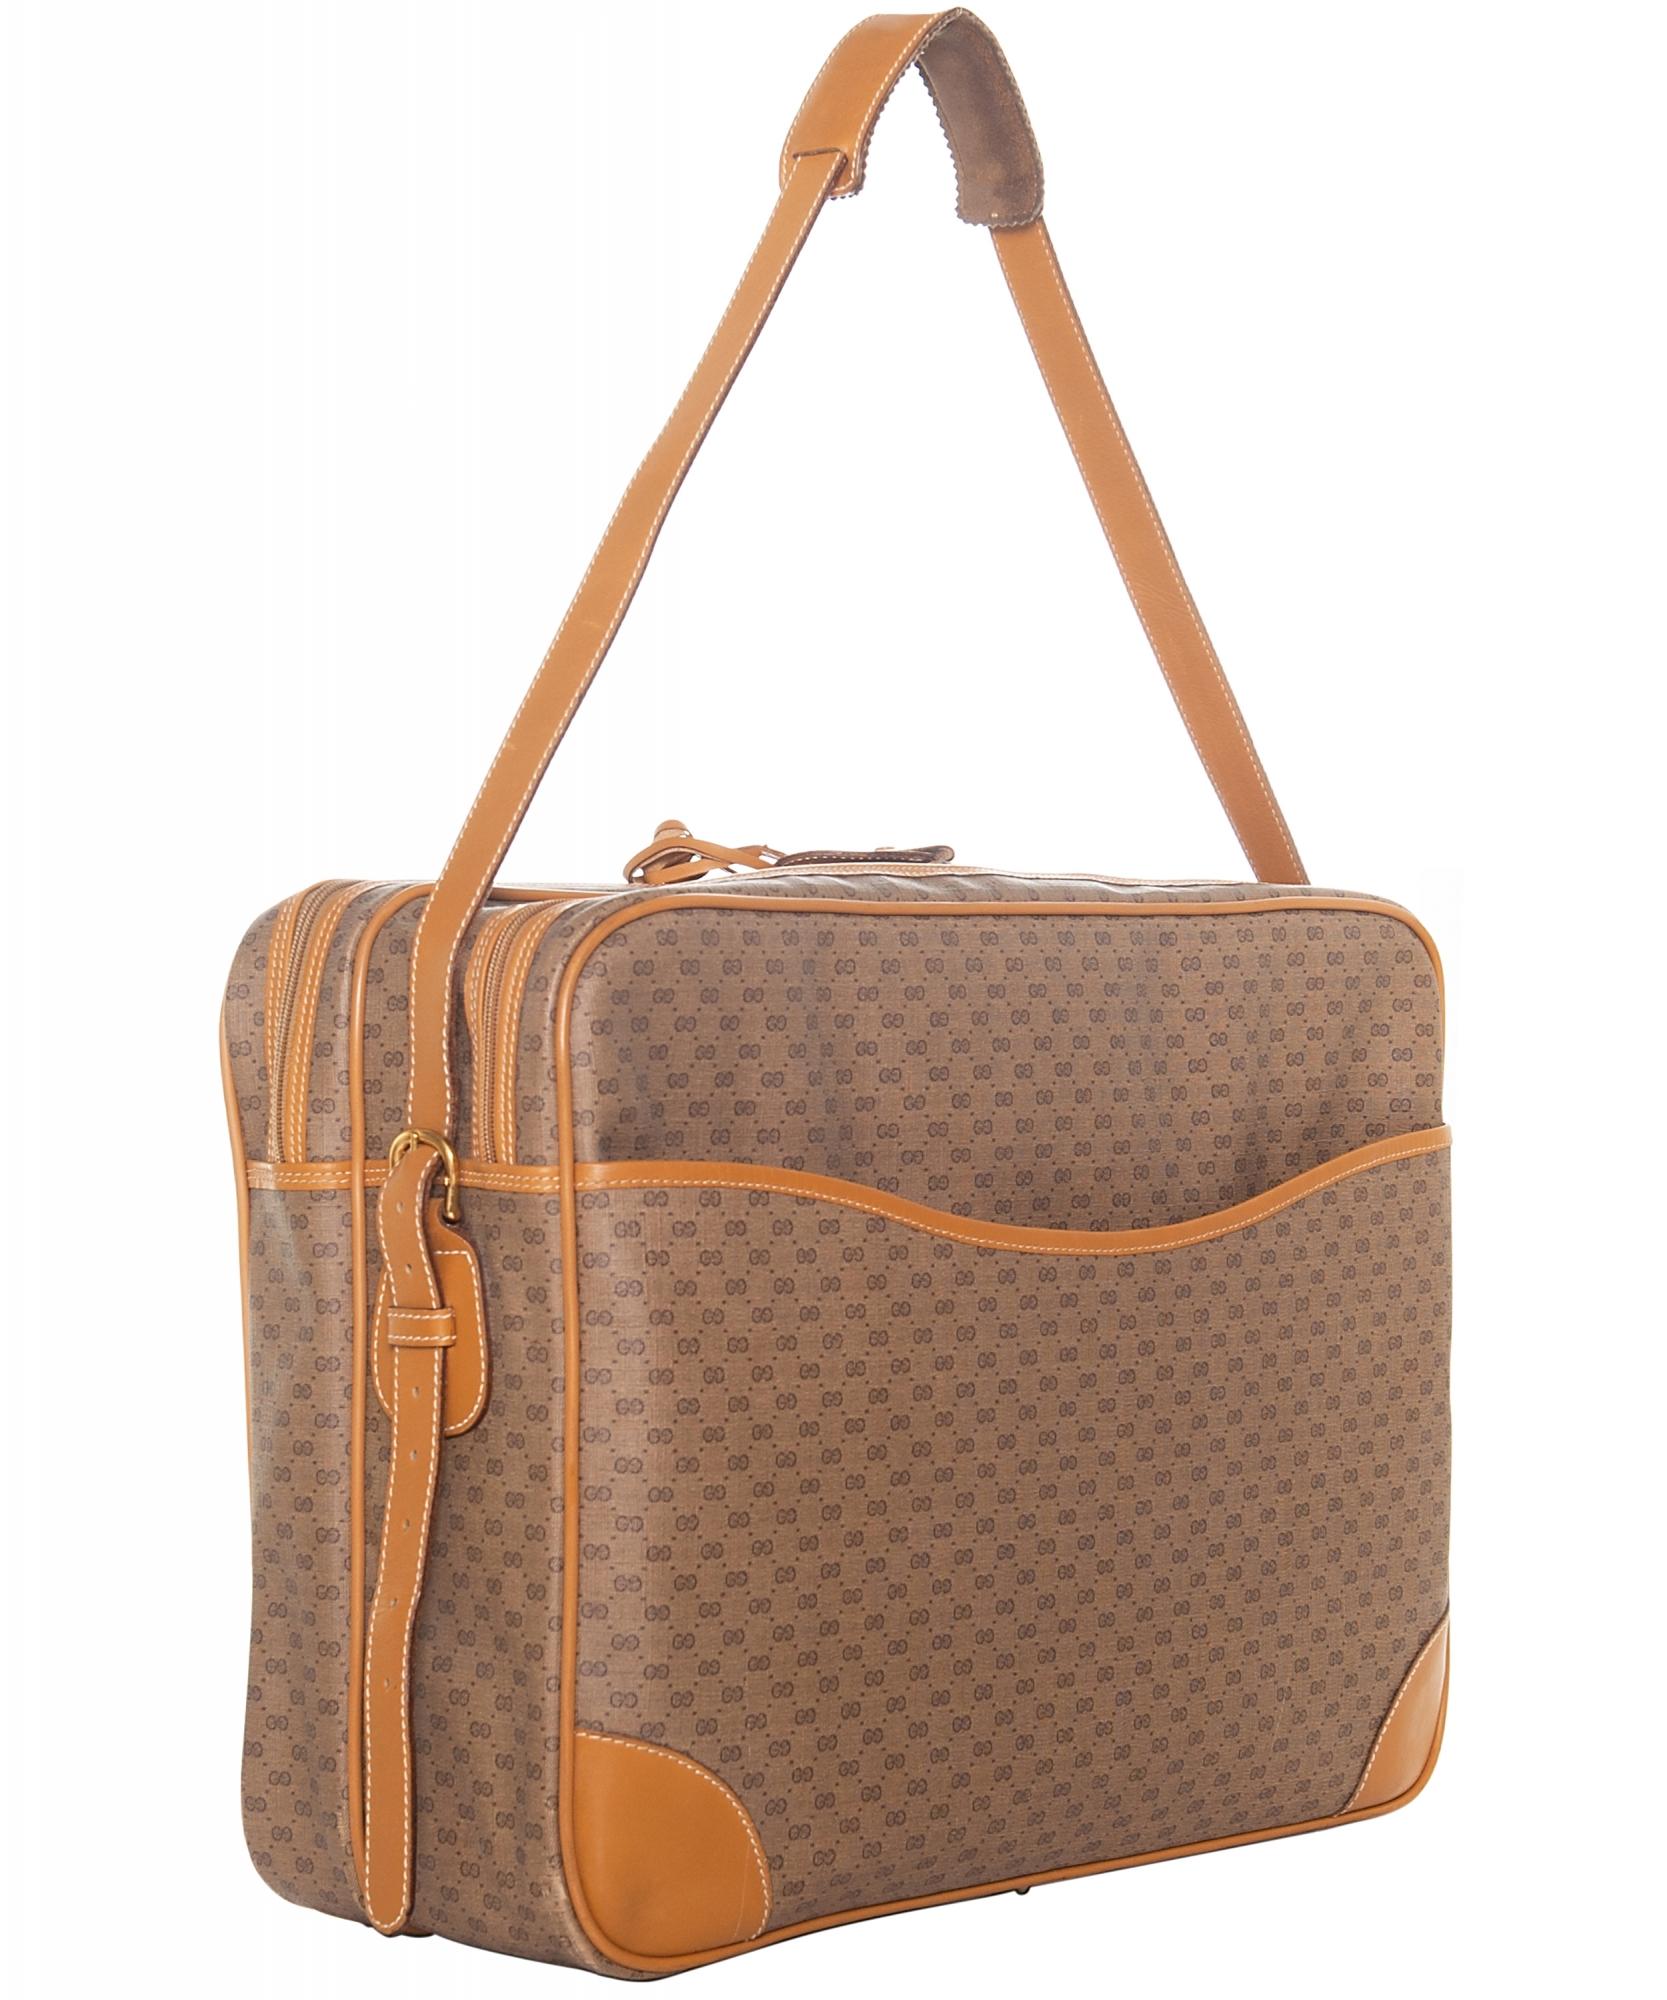 93ffe1b1af5 Tap to expand · Vintage Gucci Weekender Travel Bag ...